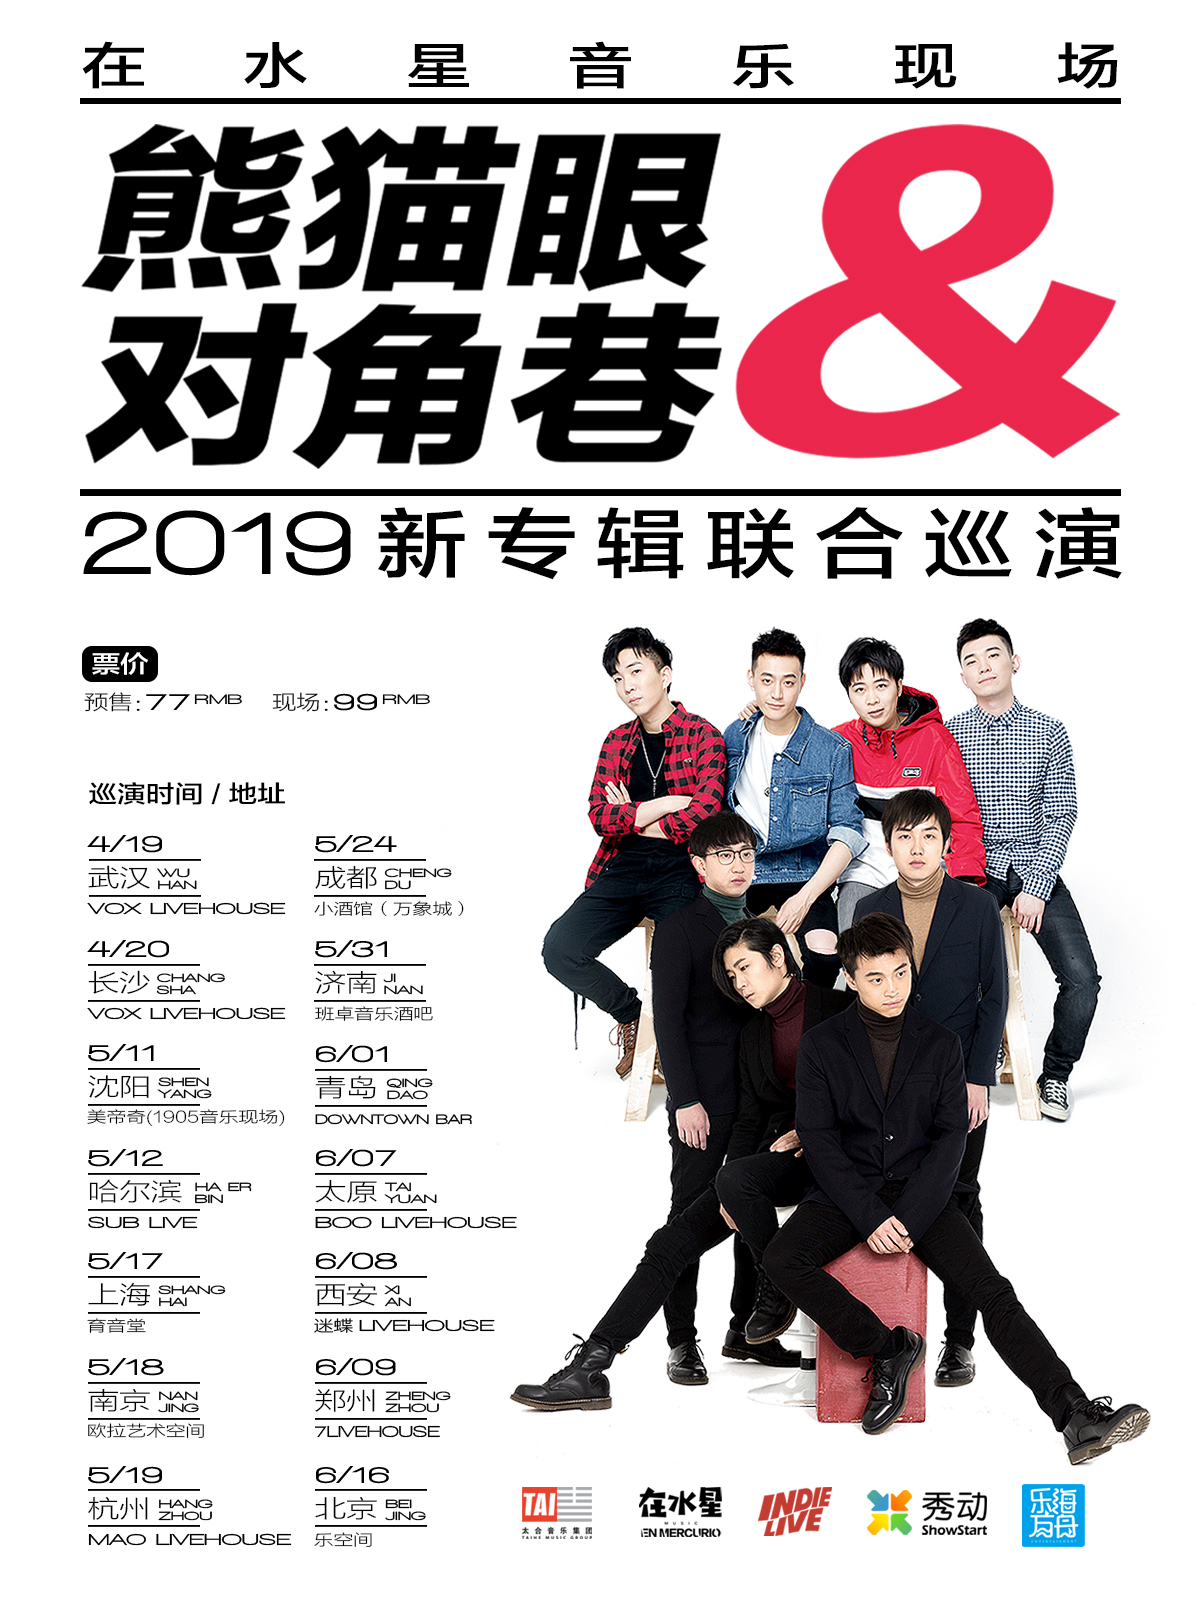 熊猫眼&对角巷 2019新专辑联合巡演长沙站